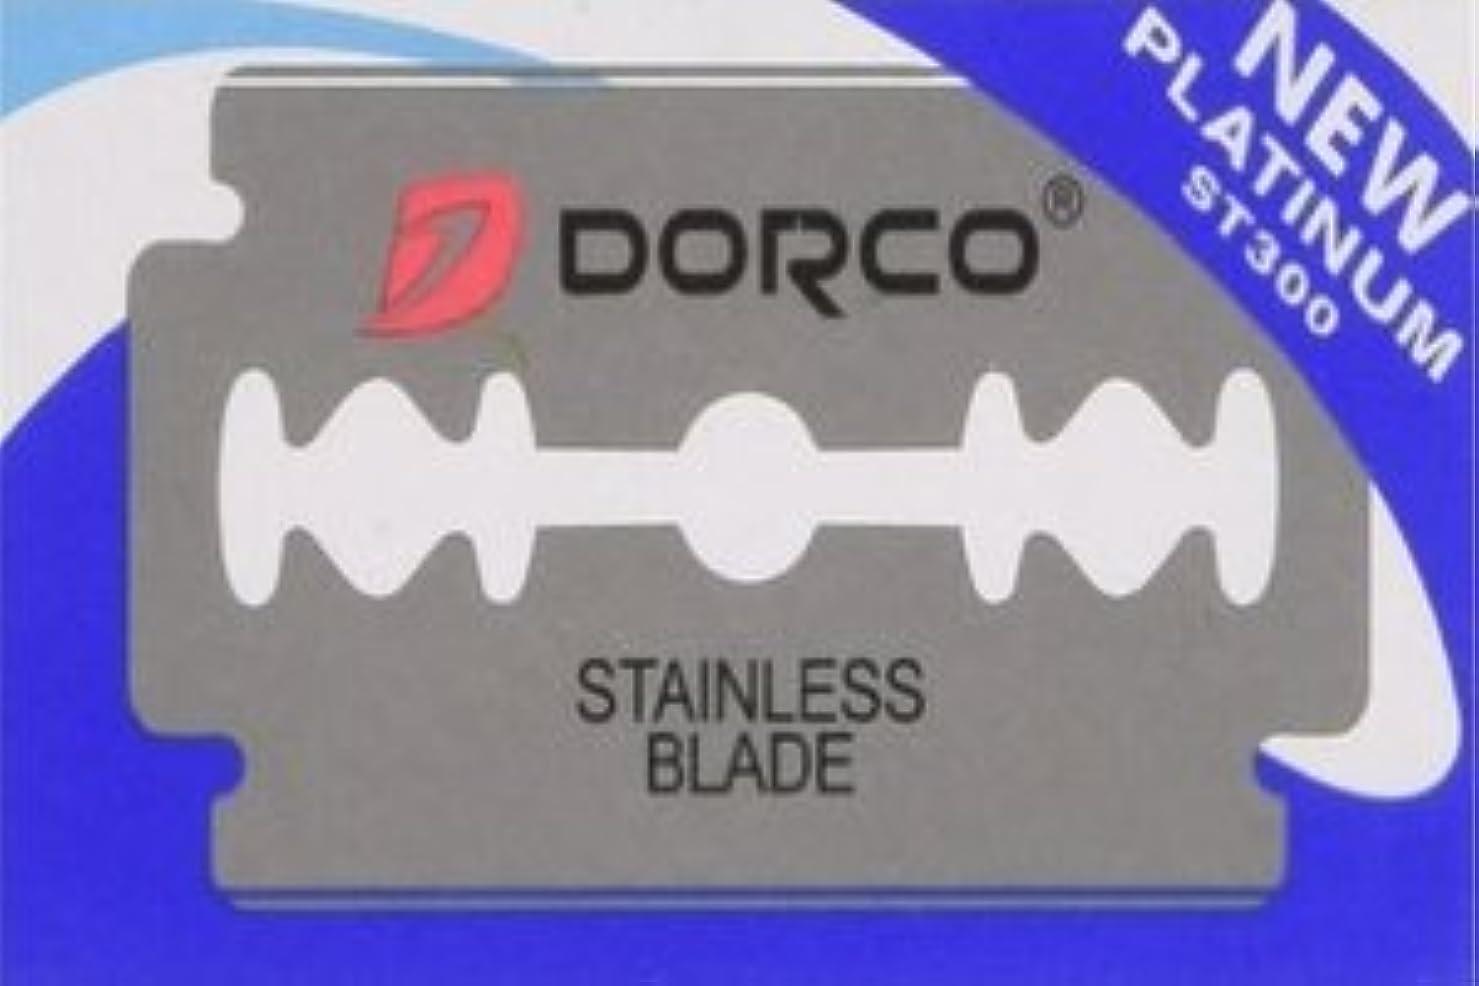 蛾感度ミサイルDorco ST-300 Platinum 両刃替刃 100枚入り(10枚入り10 個セット)【並行輸入品】